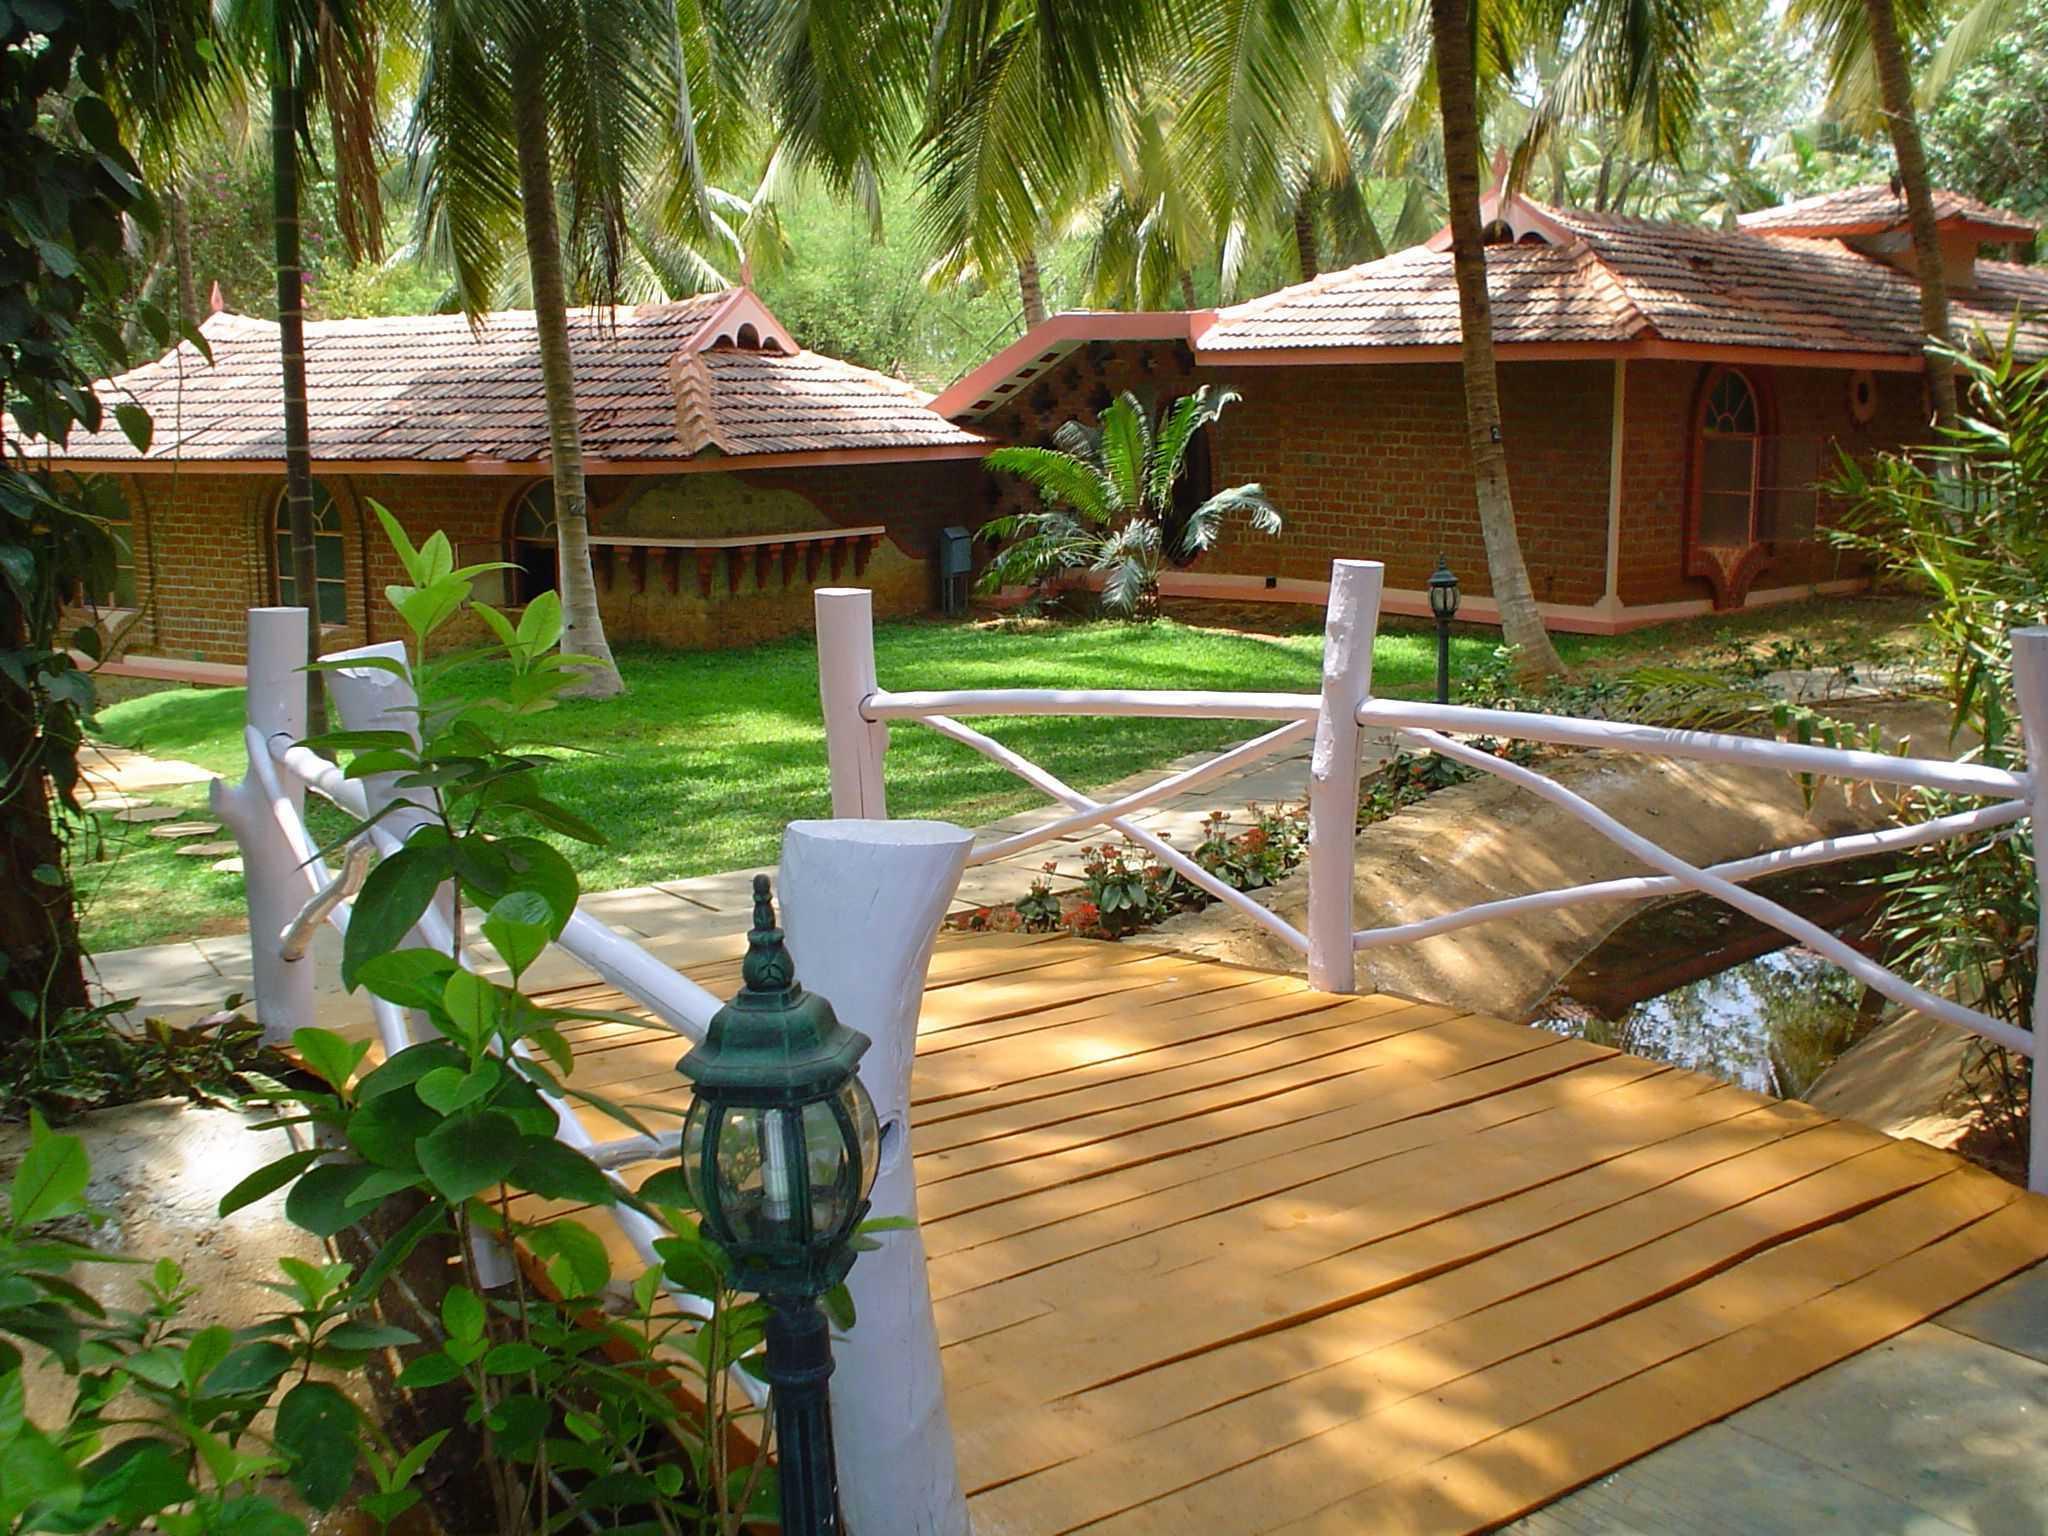 Kairali Ayurvedic Healing Village Health Resort, Palakkad, Kerala